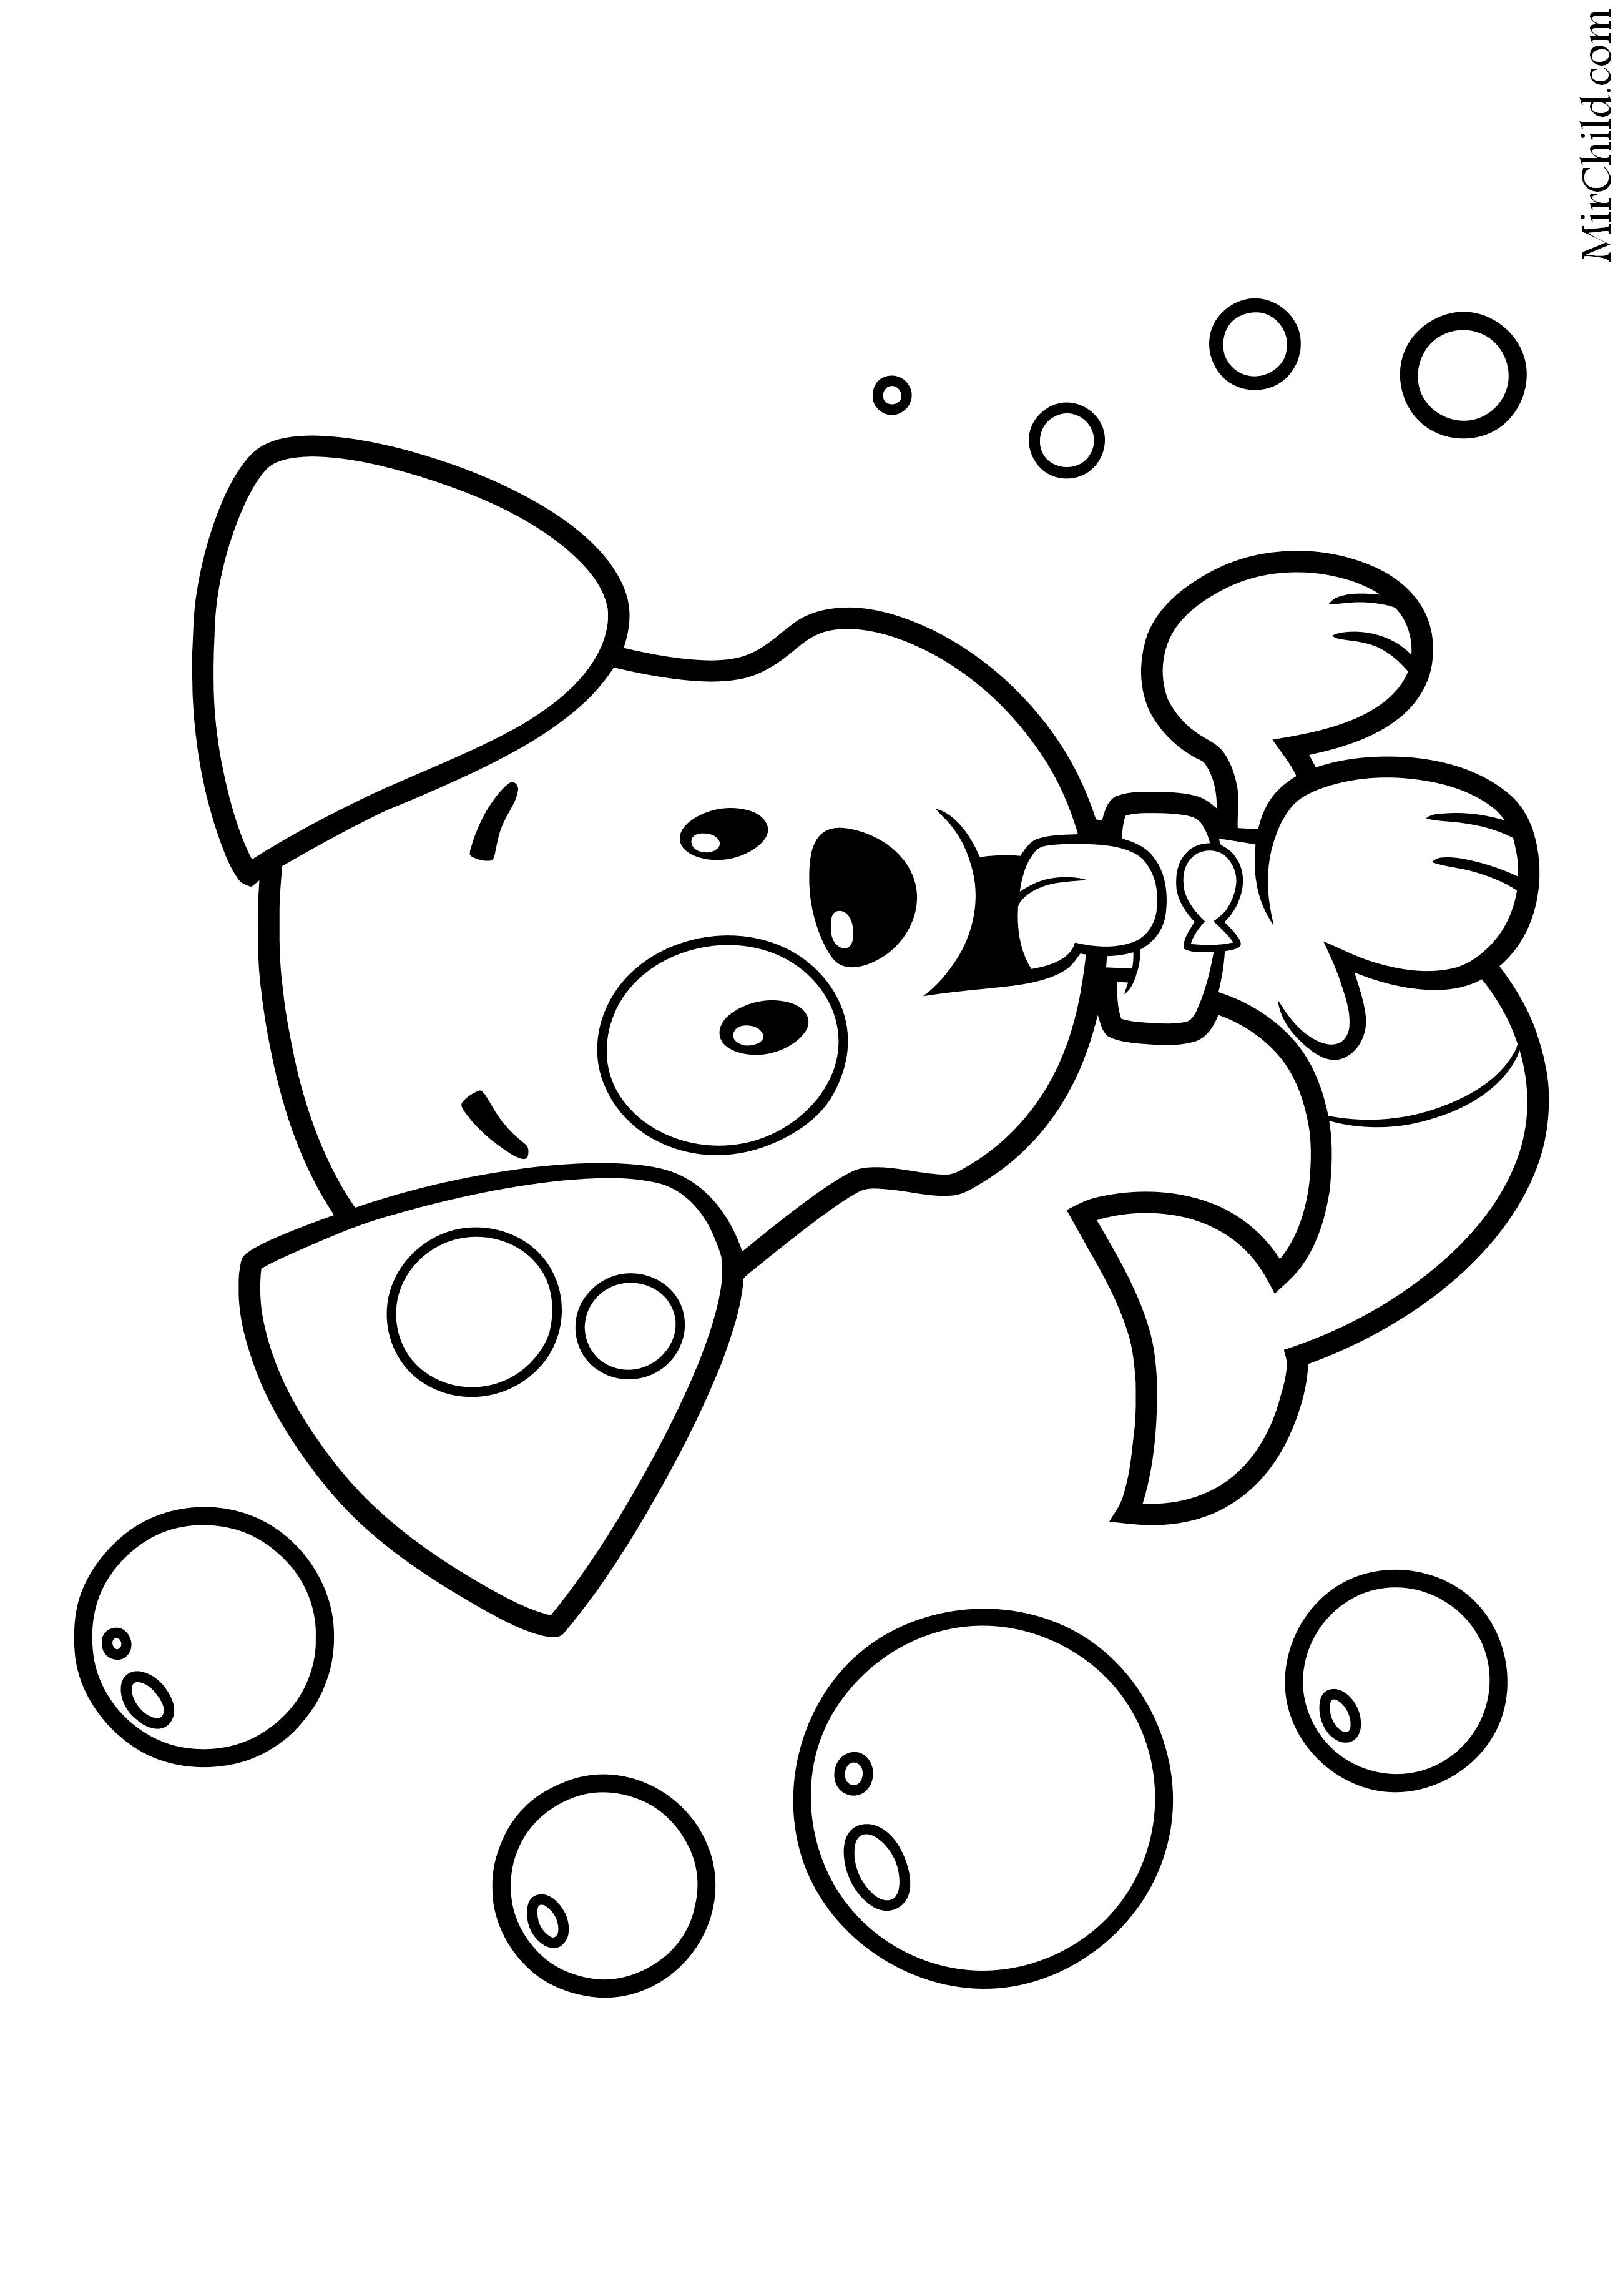 Раскраска - Гуппи и пузырики - Щенок Пузырёк | MirChild